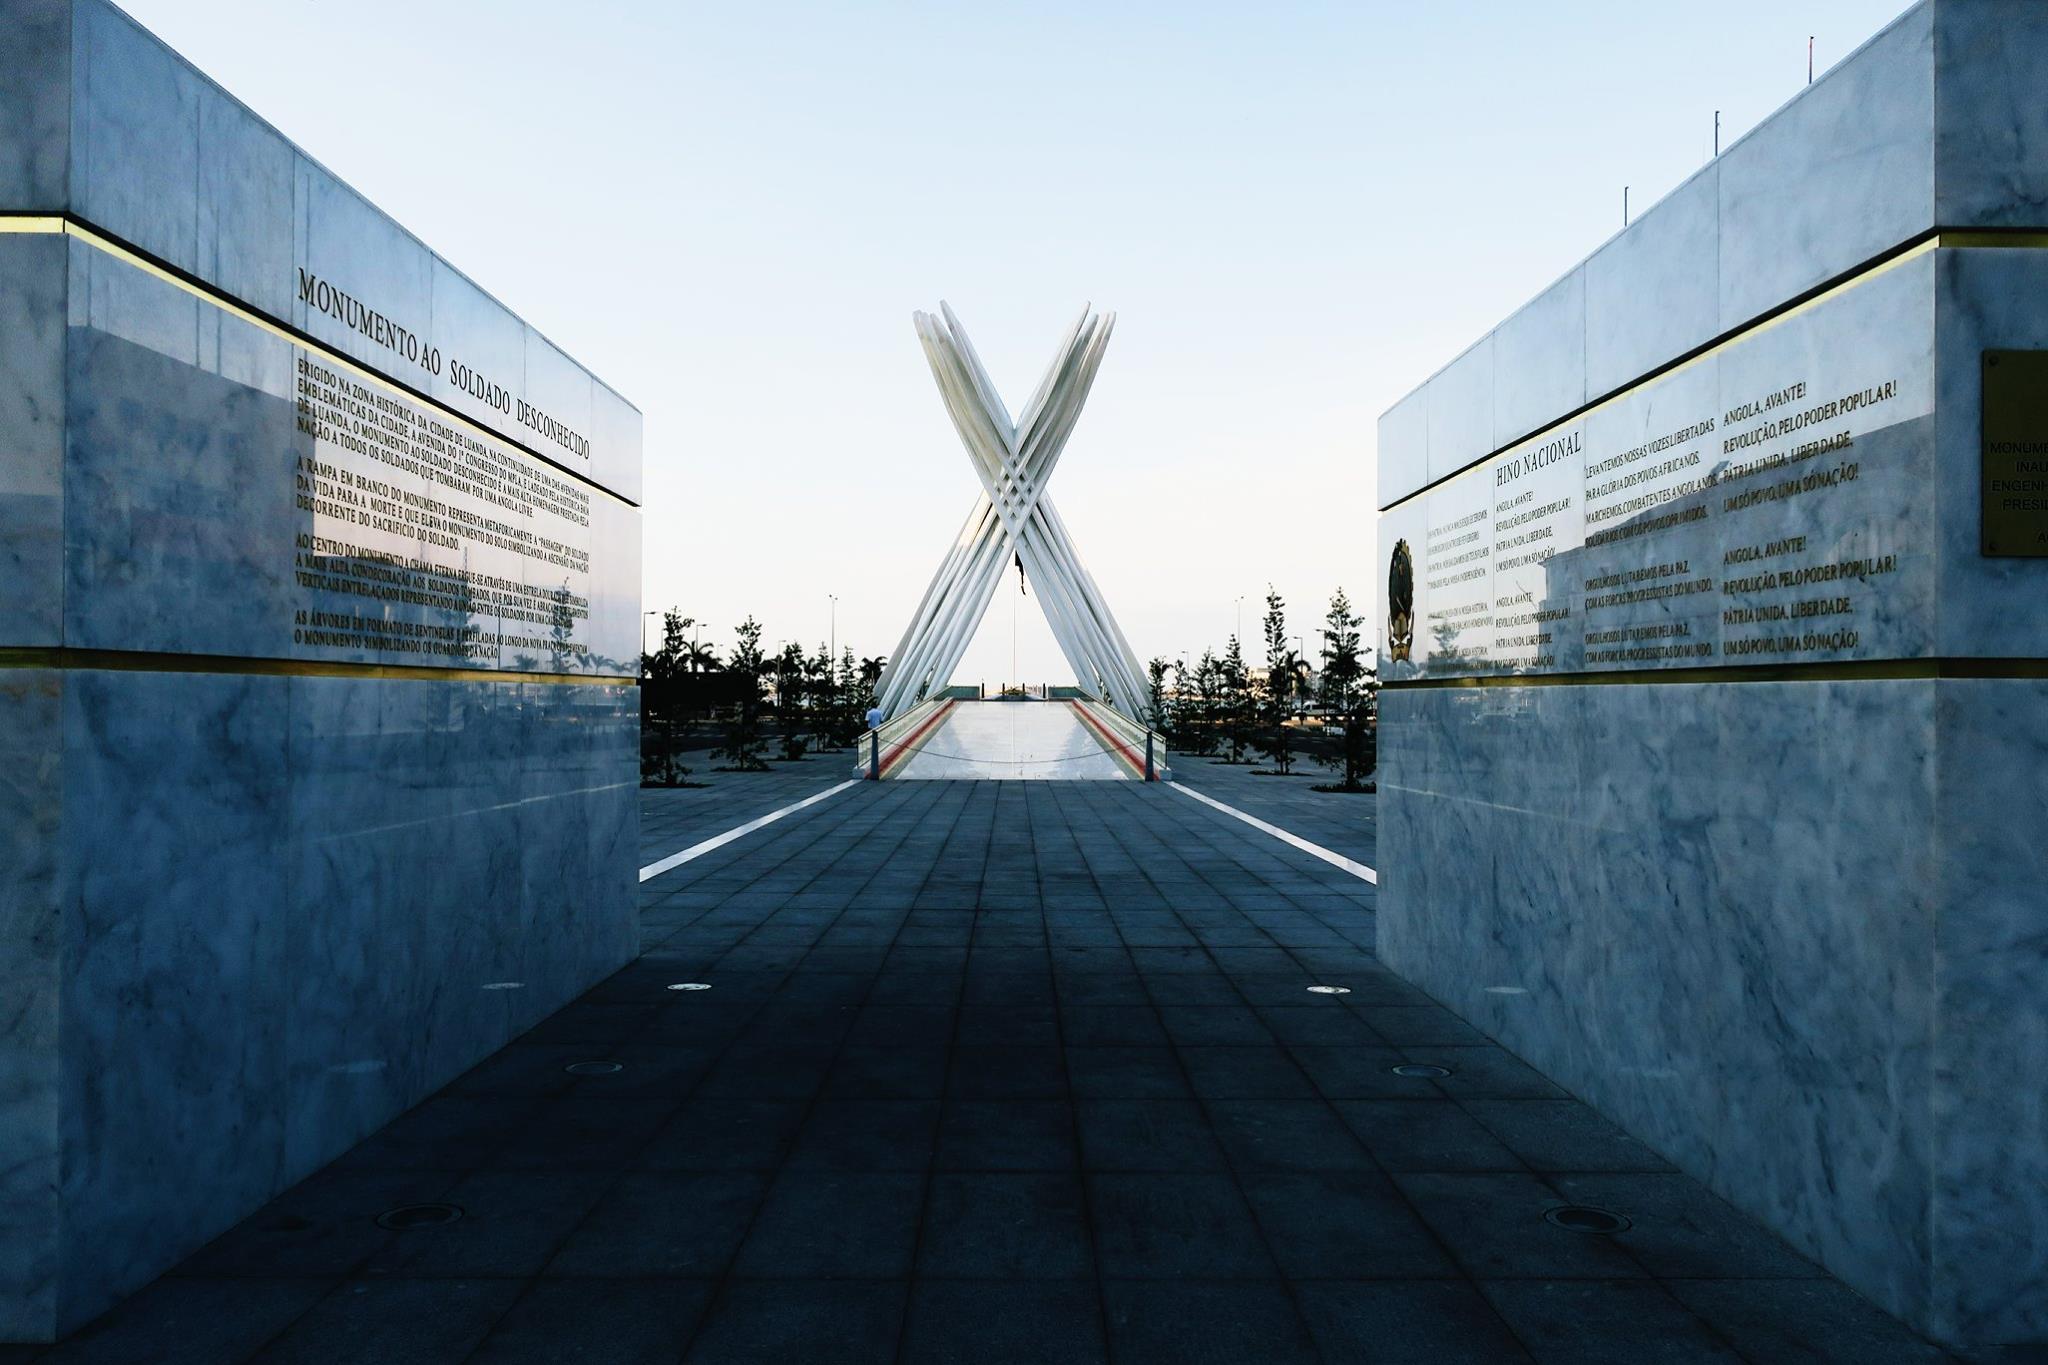 Monumento ao Soldado